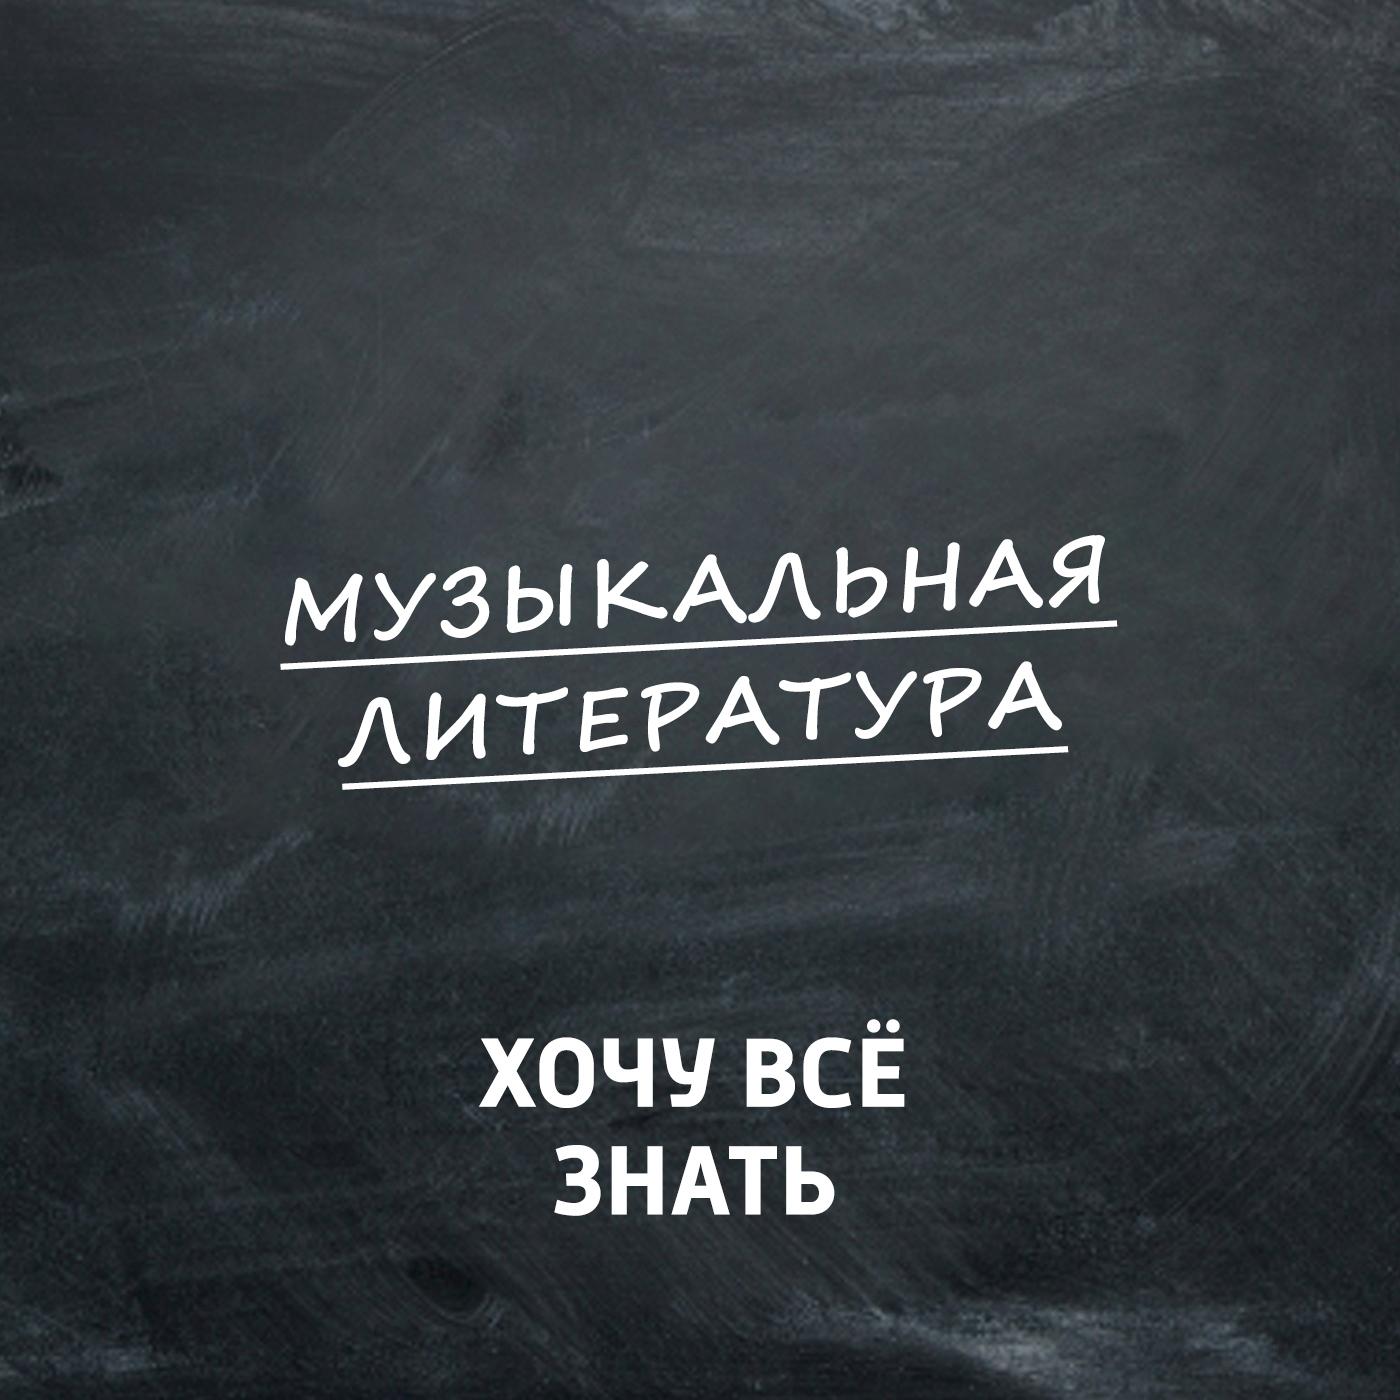 Купить книгу Георгий Свиридов. Патетическая оратория на стихи Маяковского. Часть 2, автора